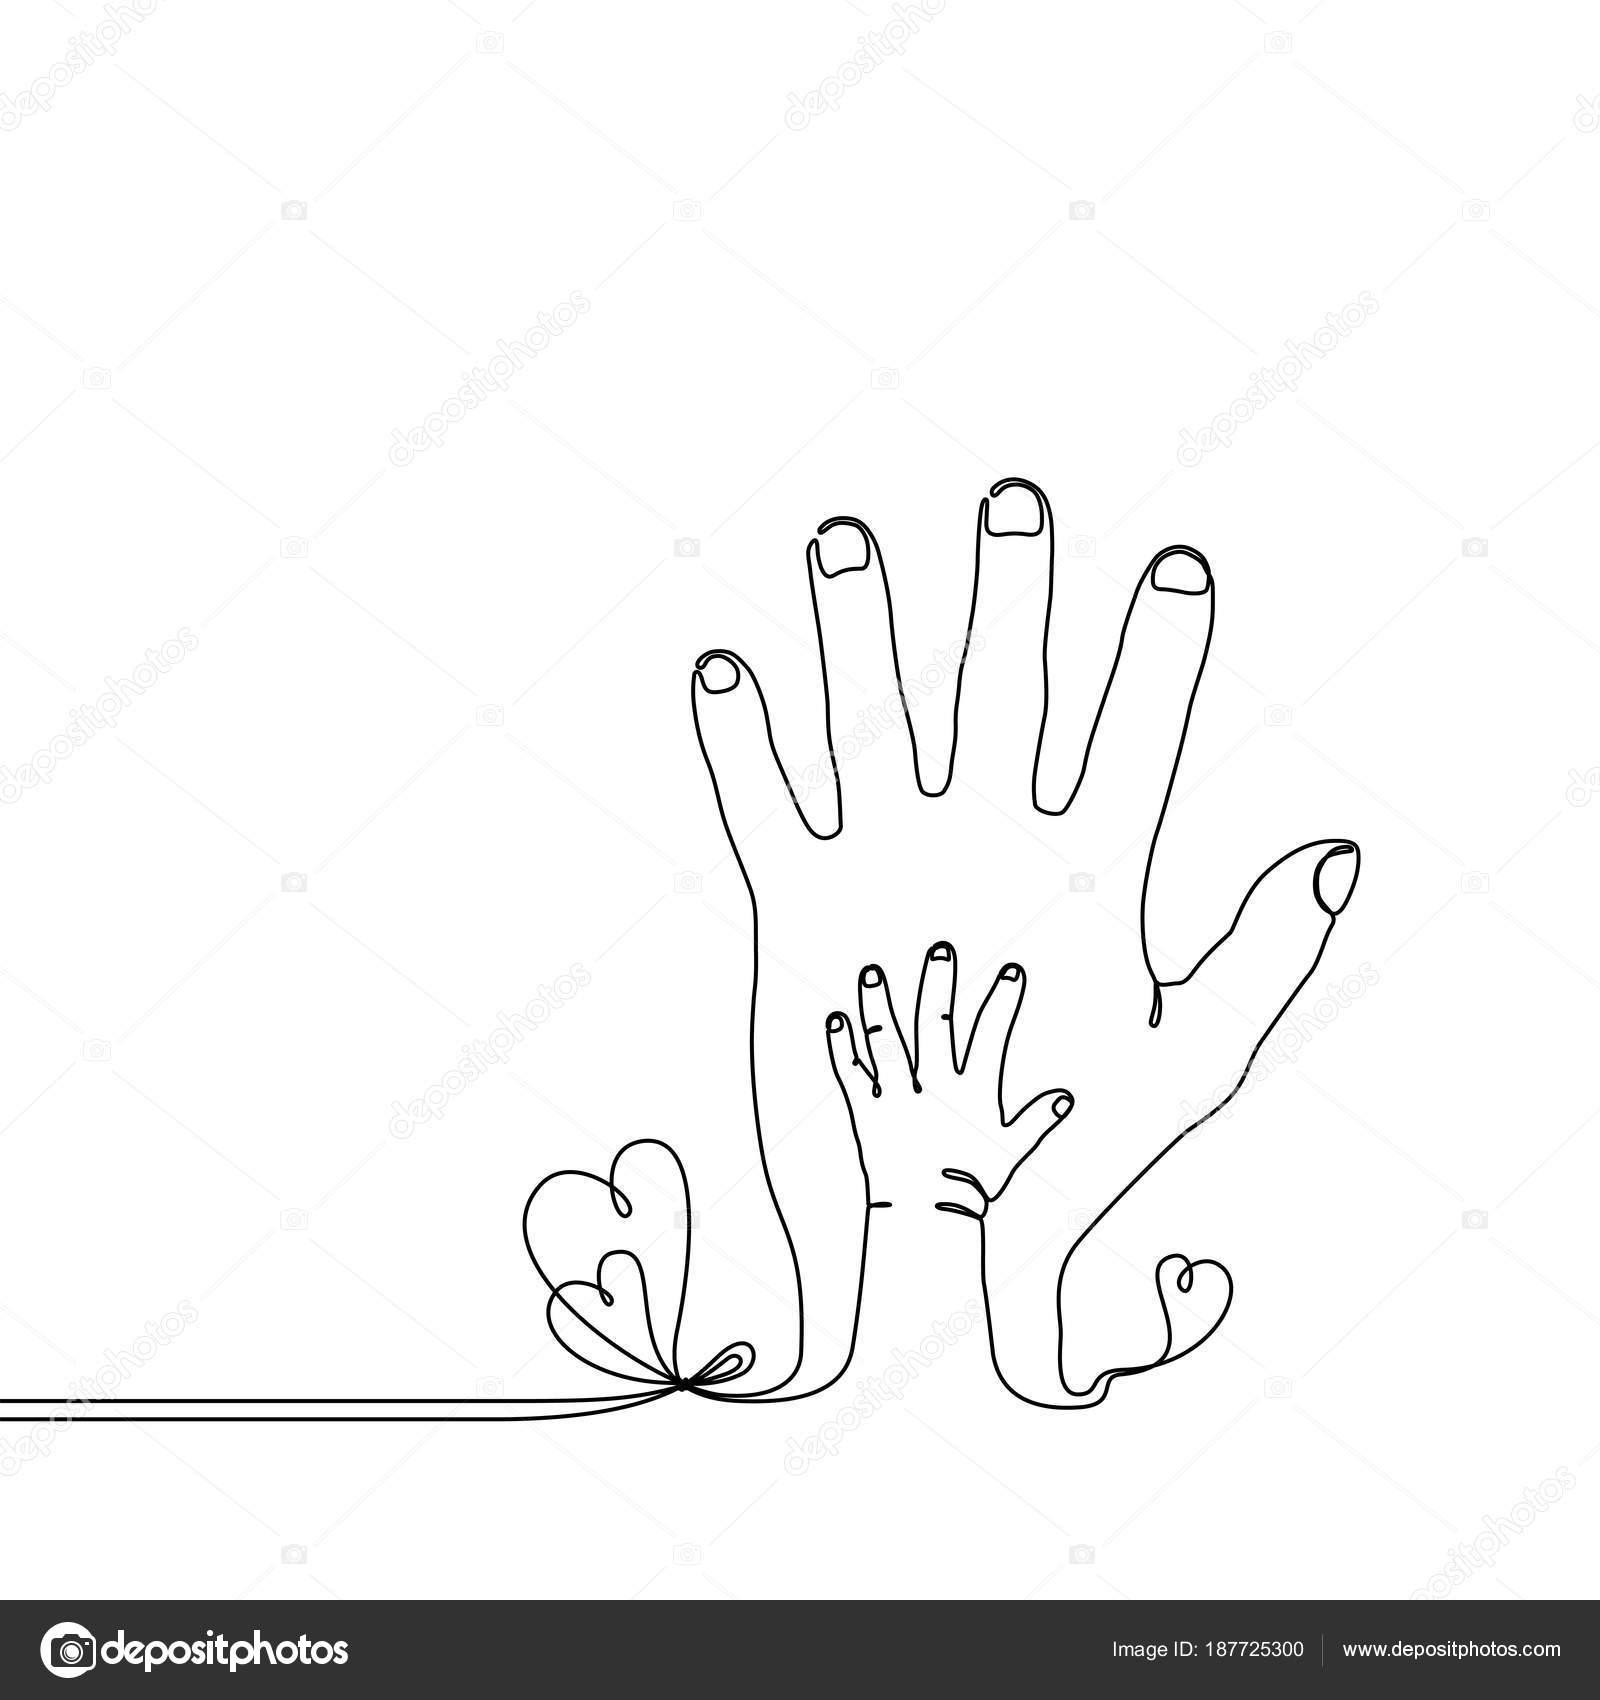 Dessin au trait continu d un enfant de b b la main sur - Dessin main enfant ...